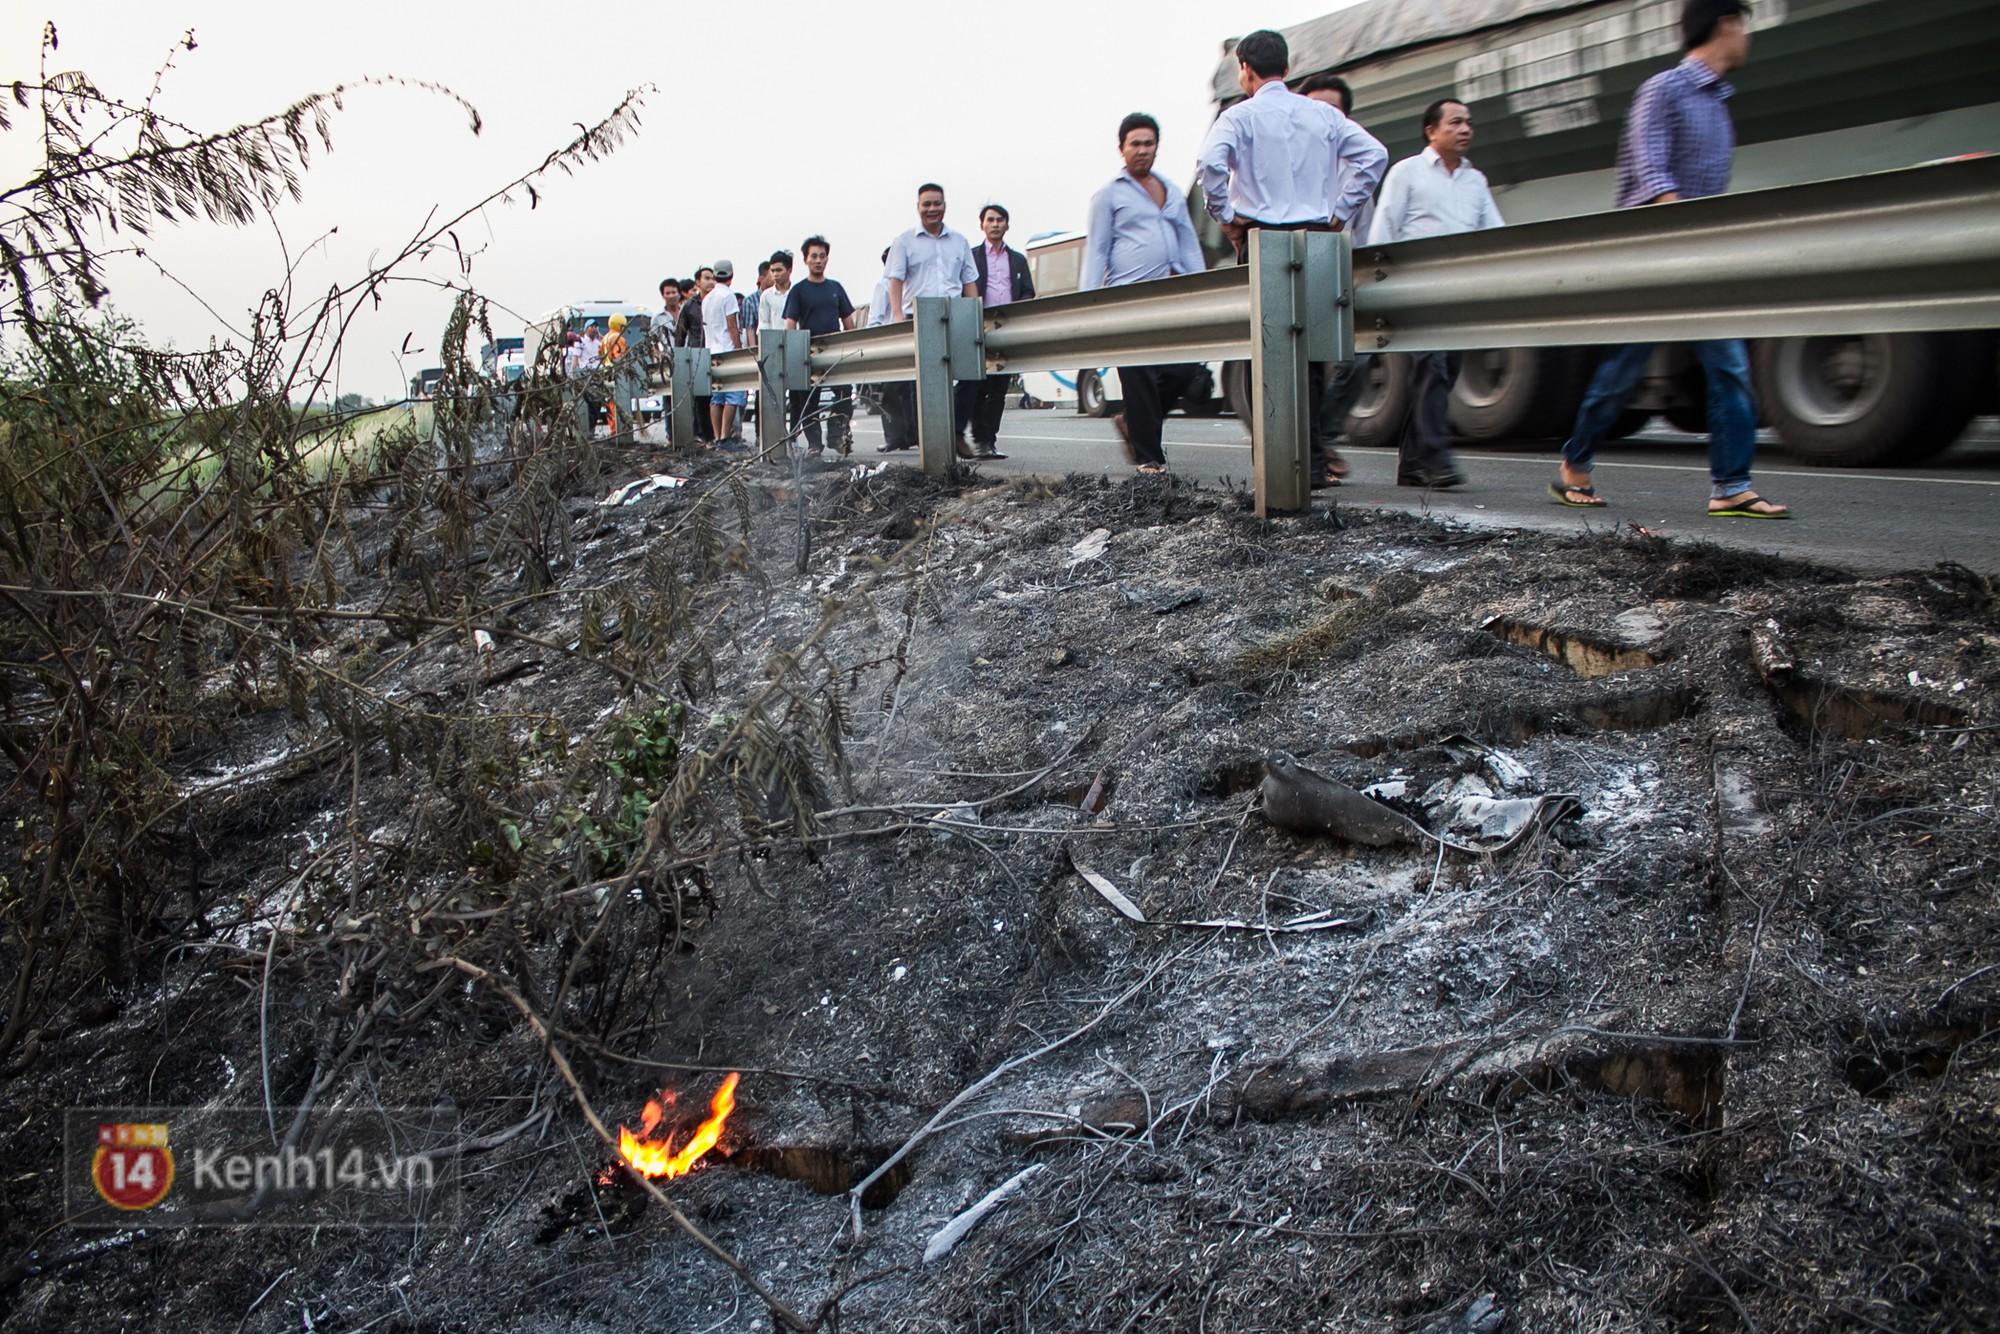 Hành khách ẵm con cuốc bộ trên cao tốc Long Thành sau vụ tai nạn liên hoàn khiến cả tuyến đường kẹt cứng - Ảnh 9.